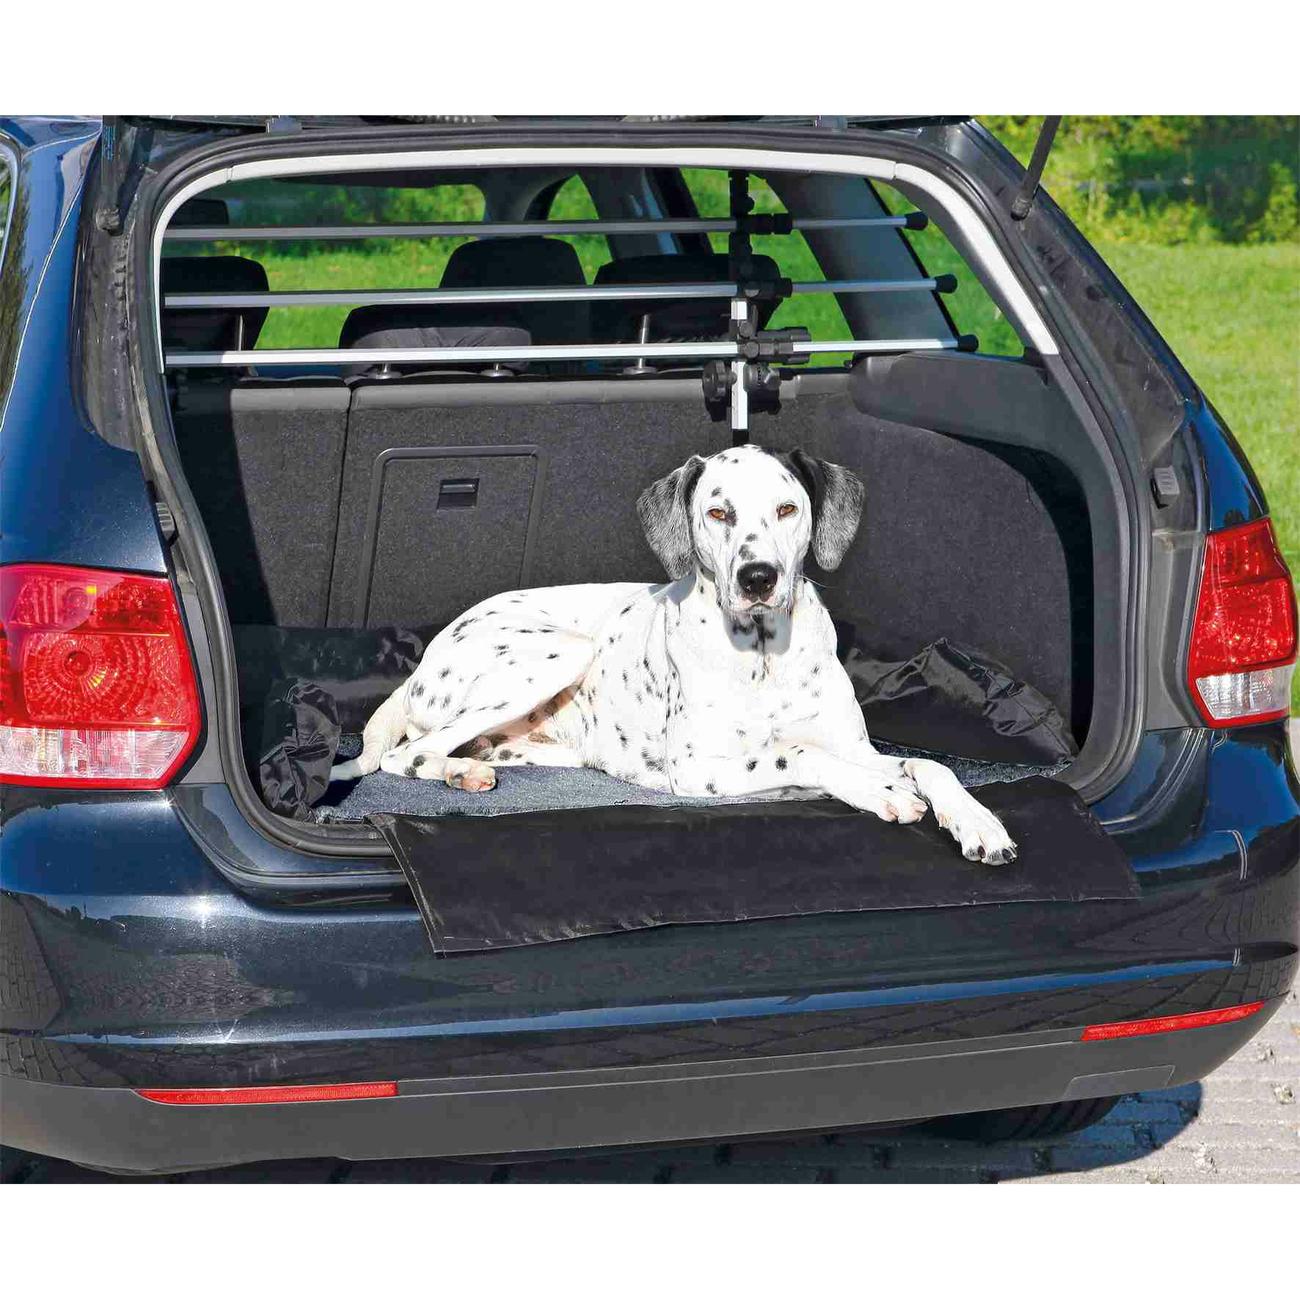 TRIXIE Hunde Autobett für Kofferraum 1321, Bild 2